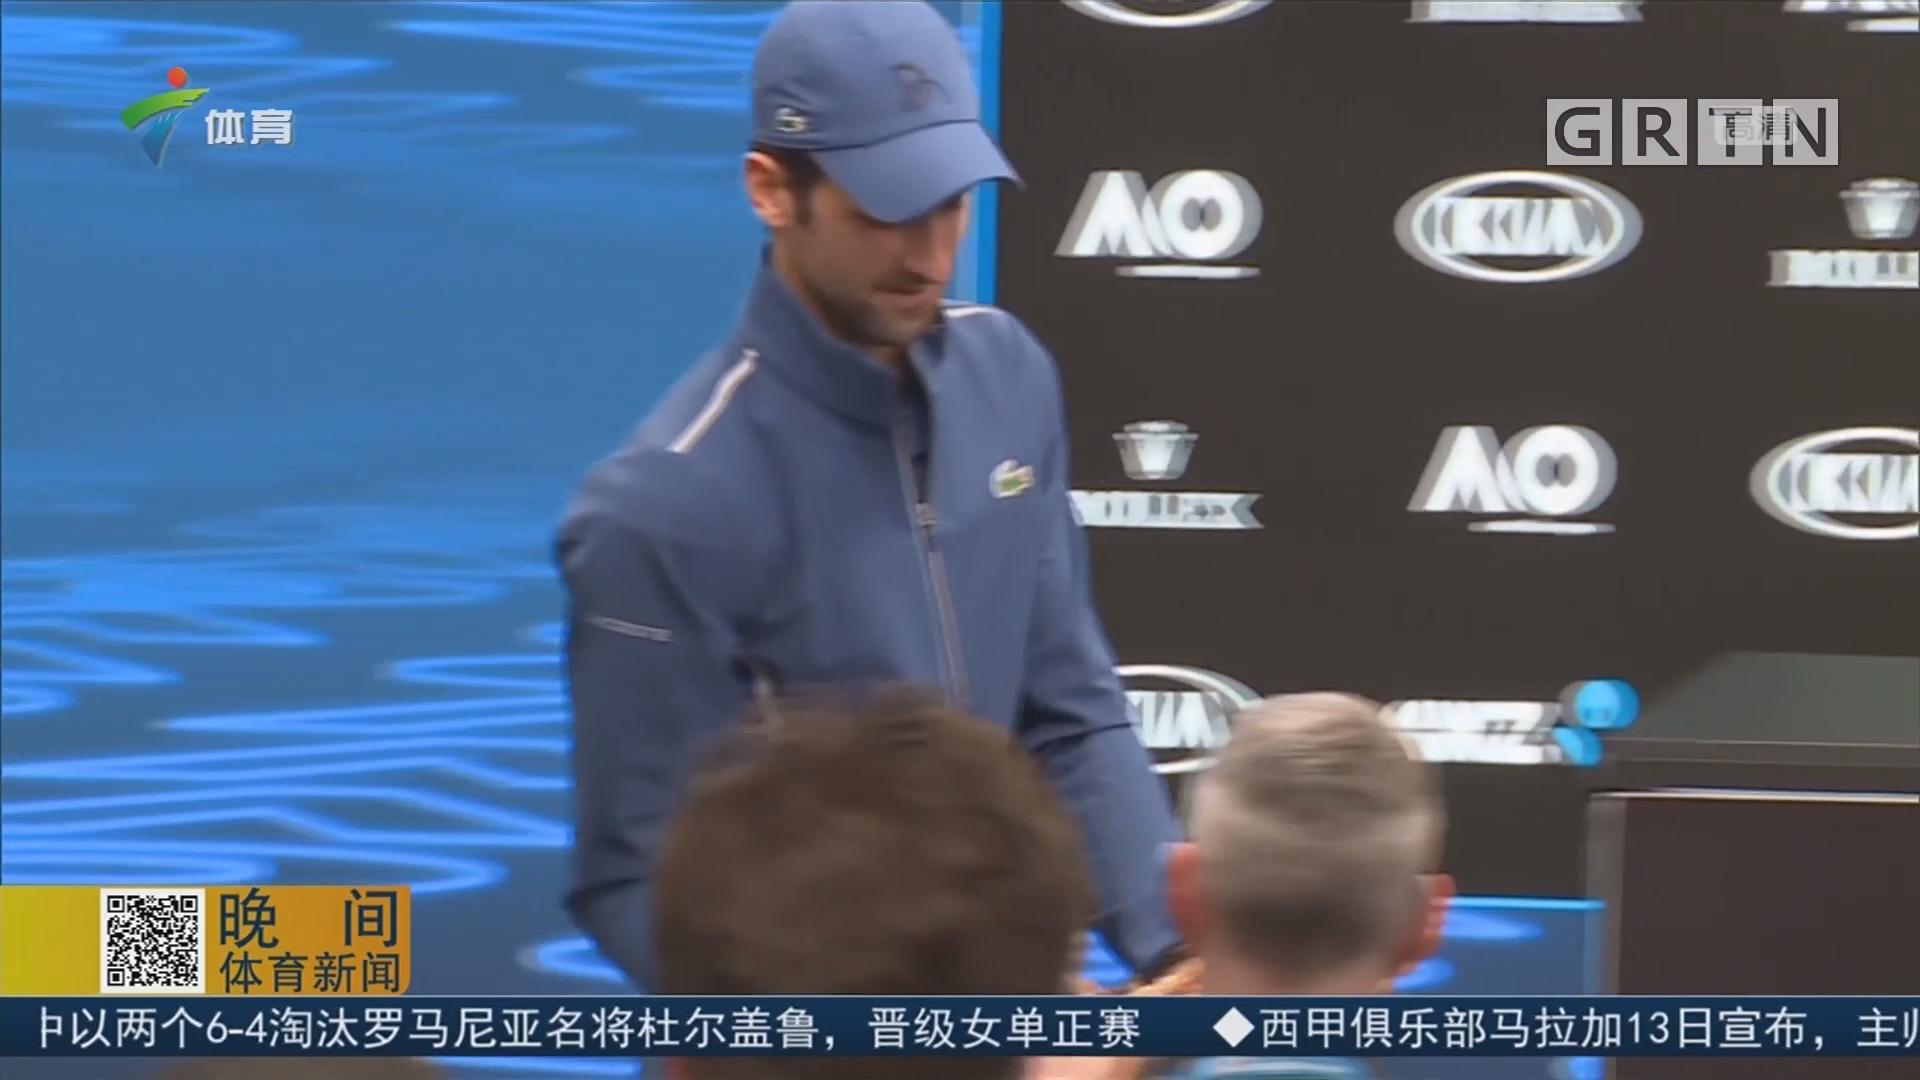 小德:我非常想念比赛的感觉